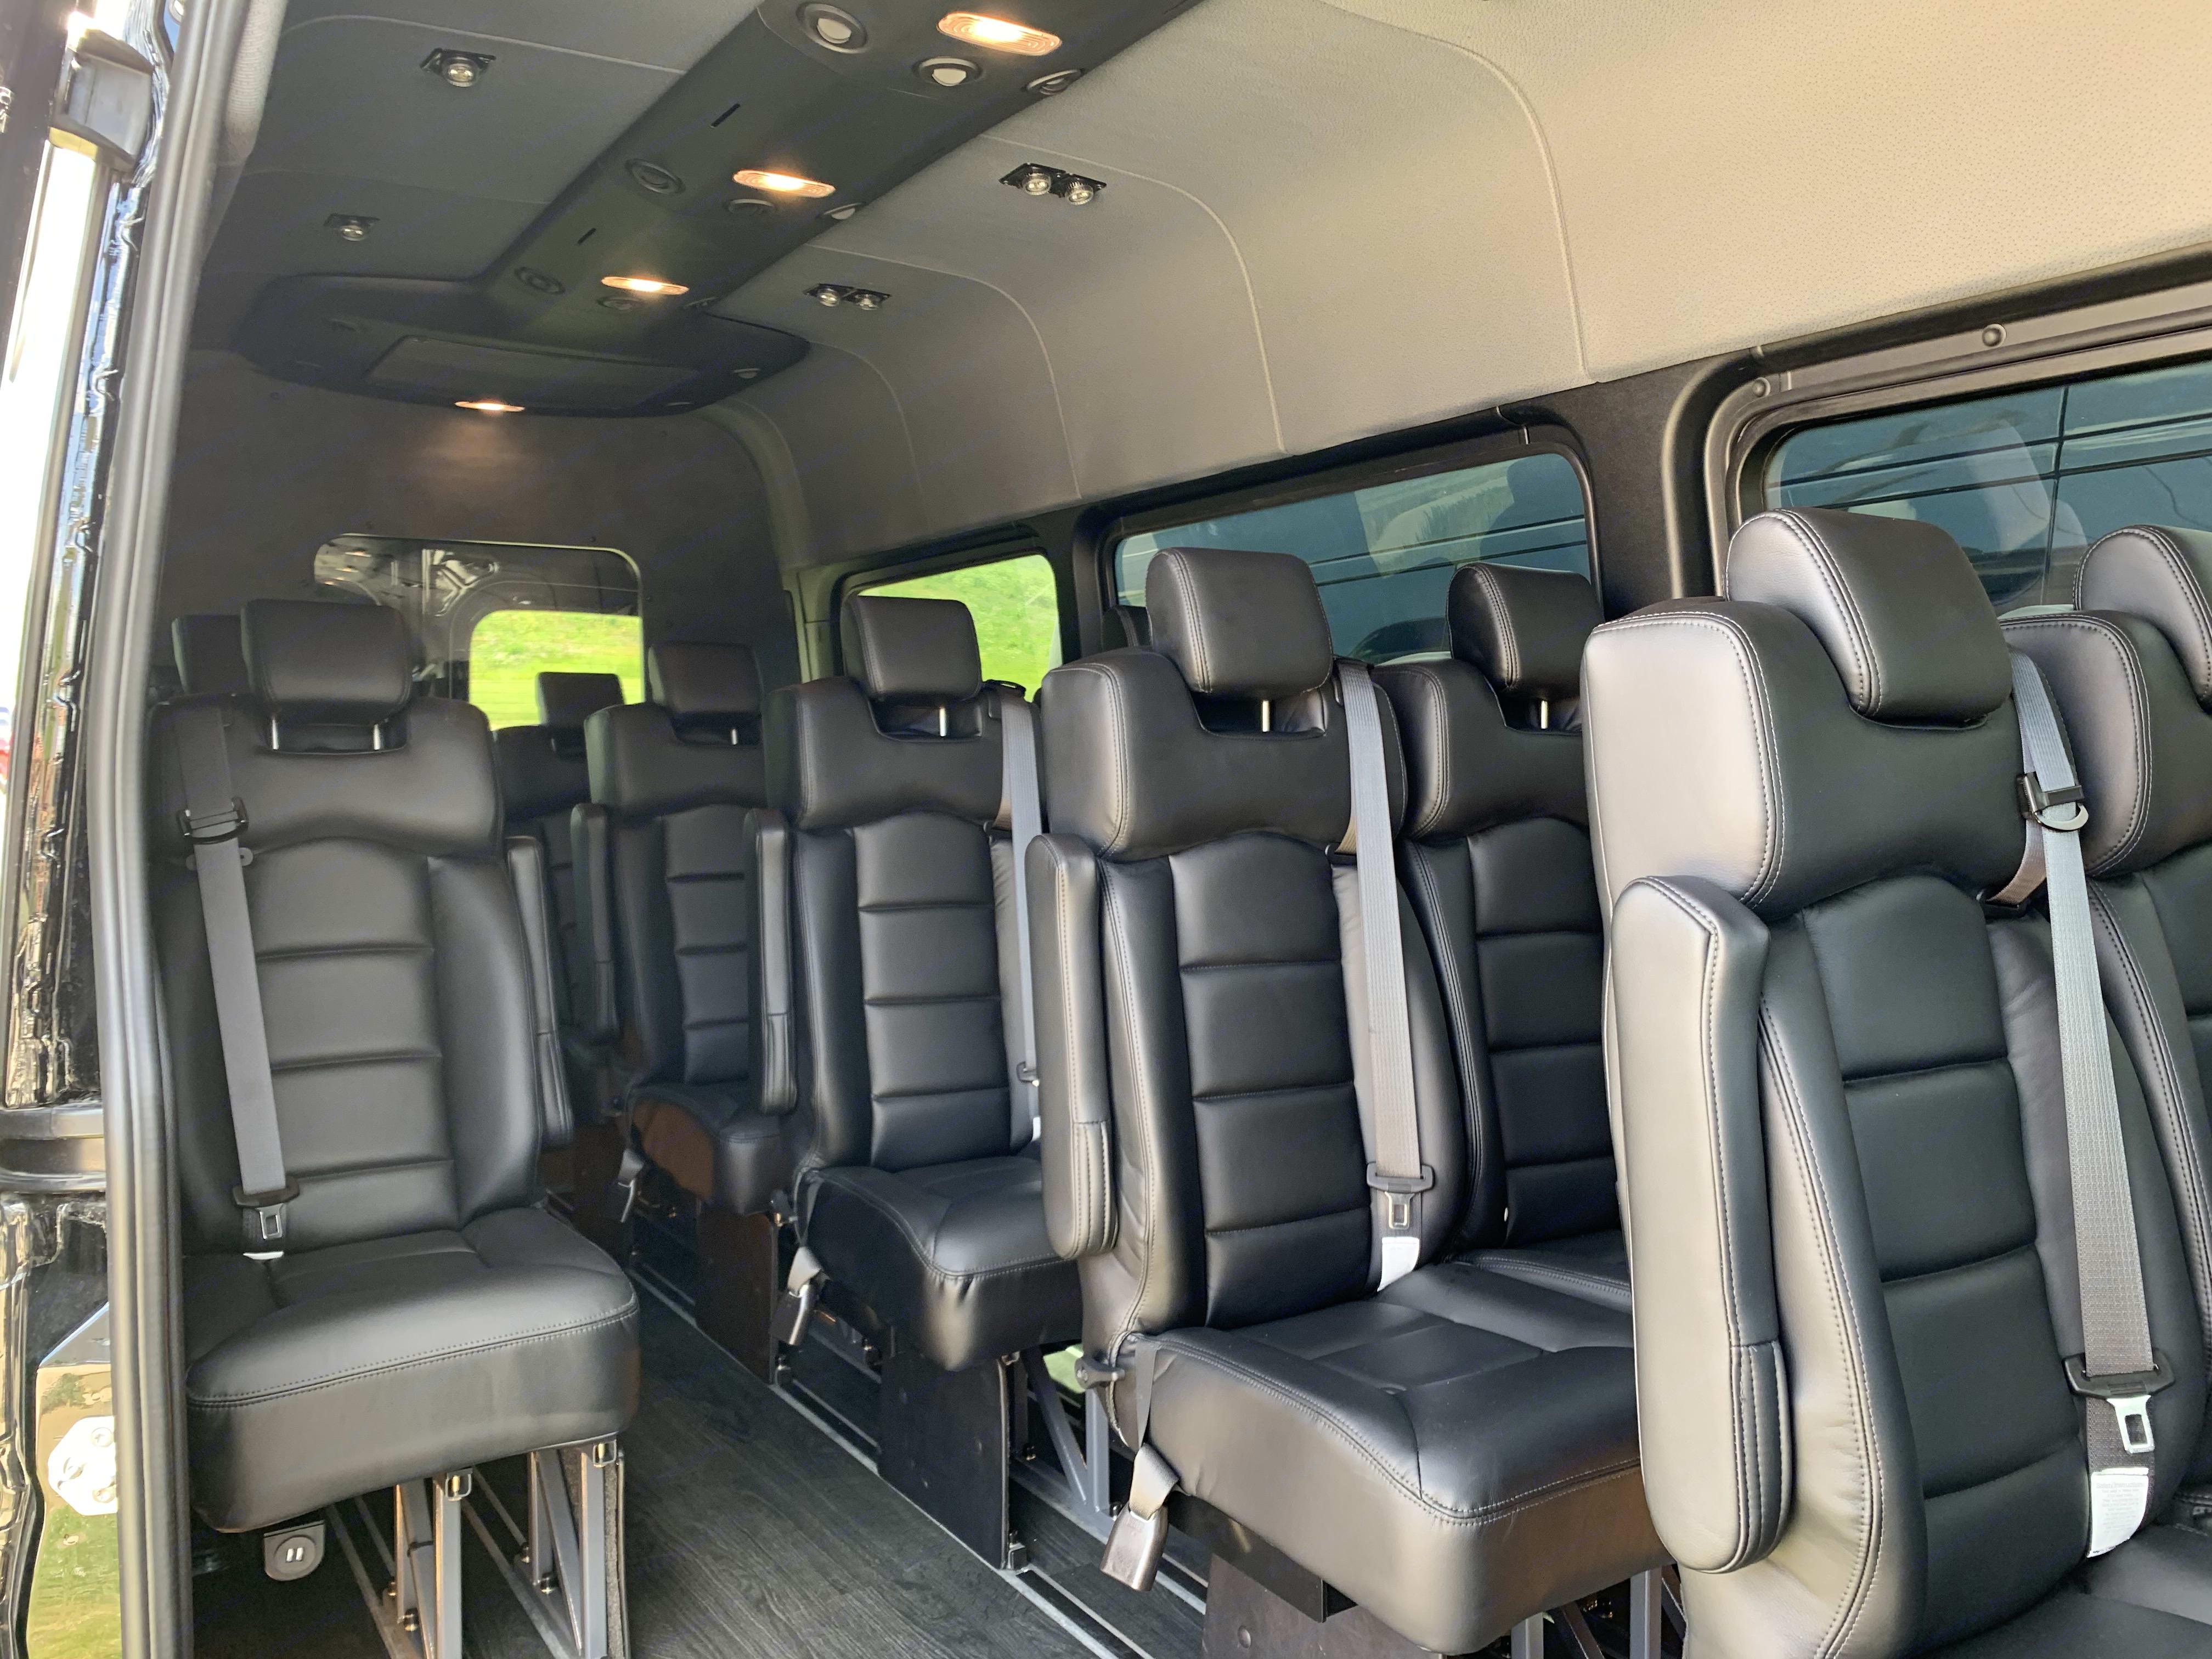 Reclining Seats. Mercedes-Benz Sprinter 2019